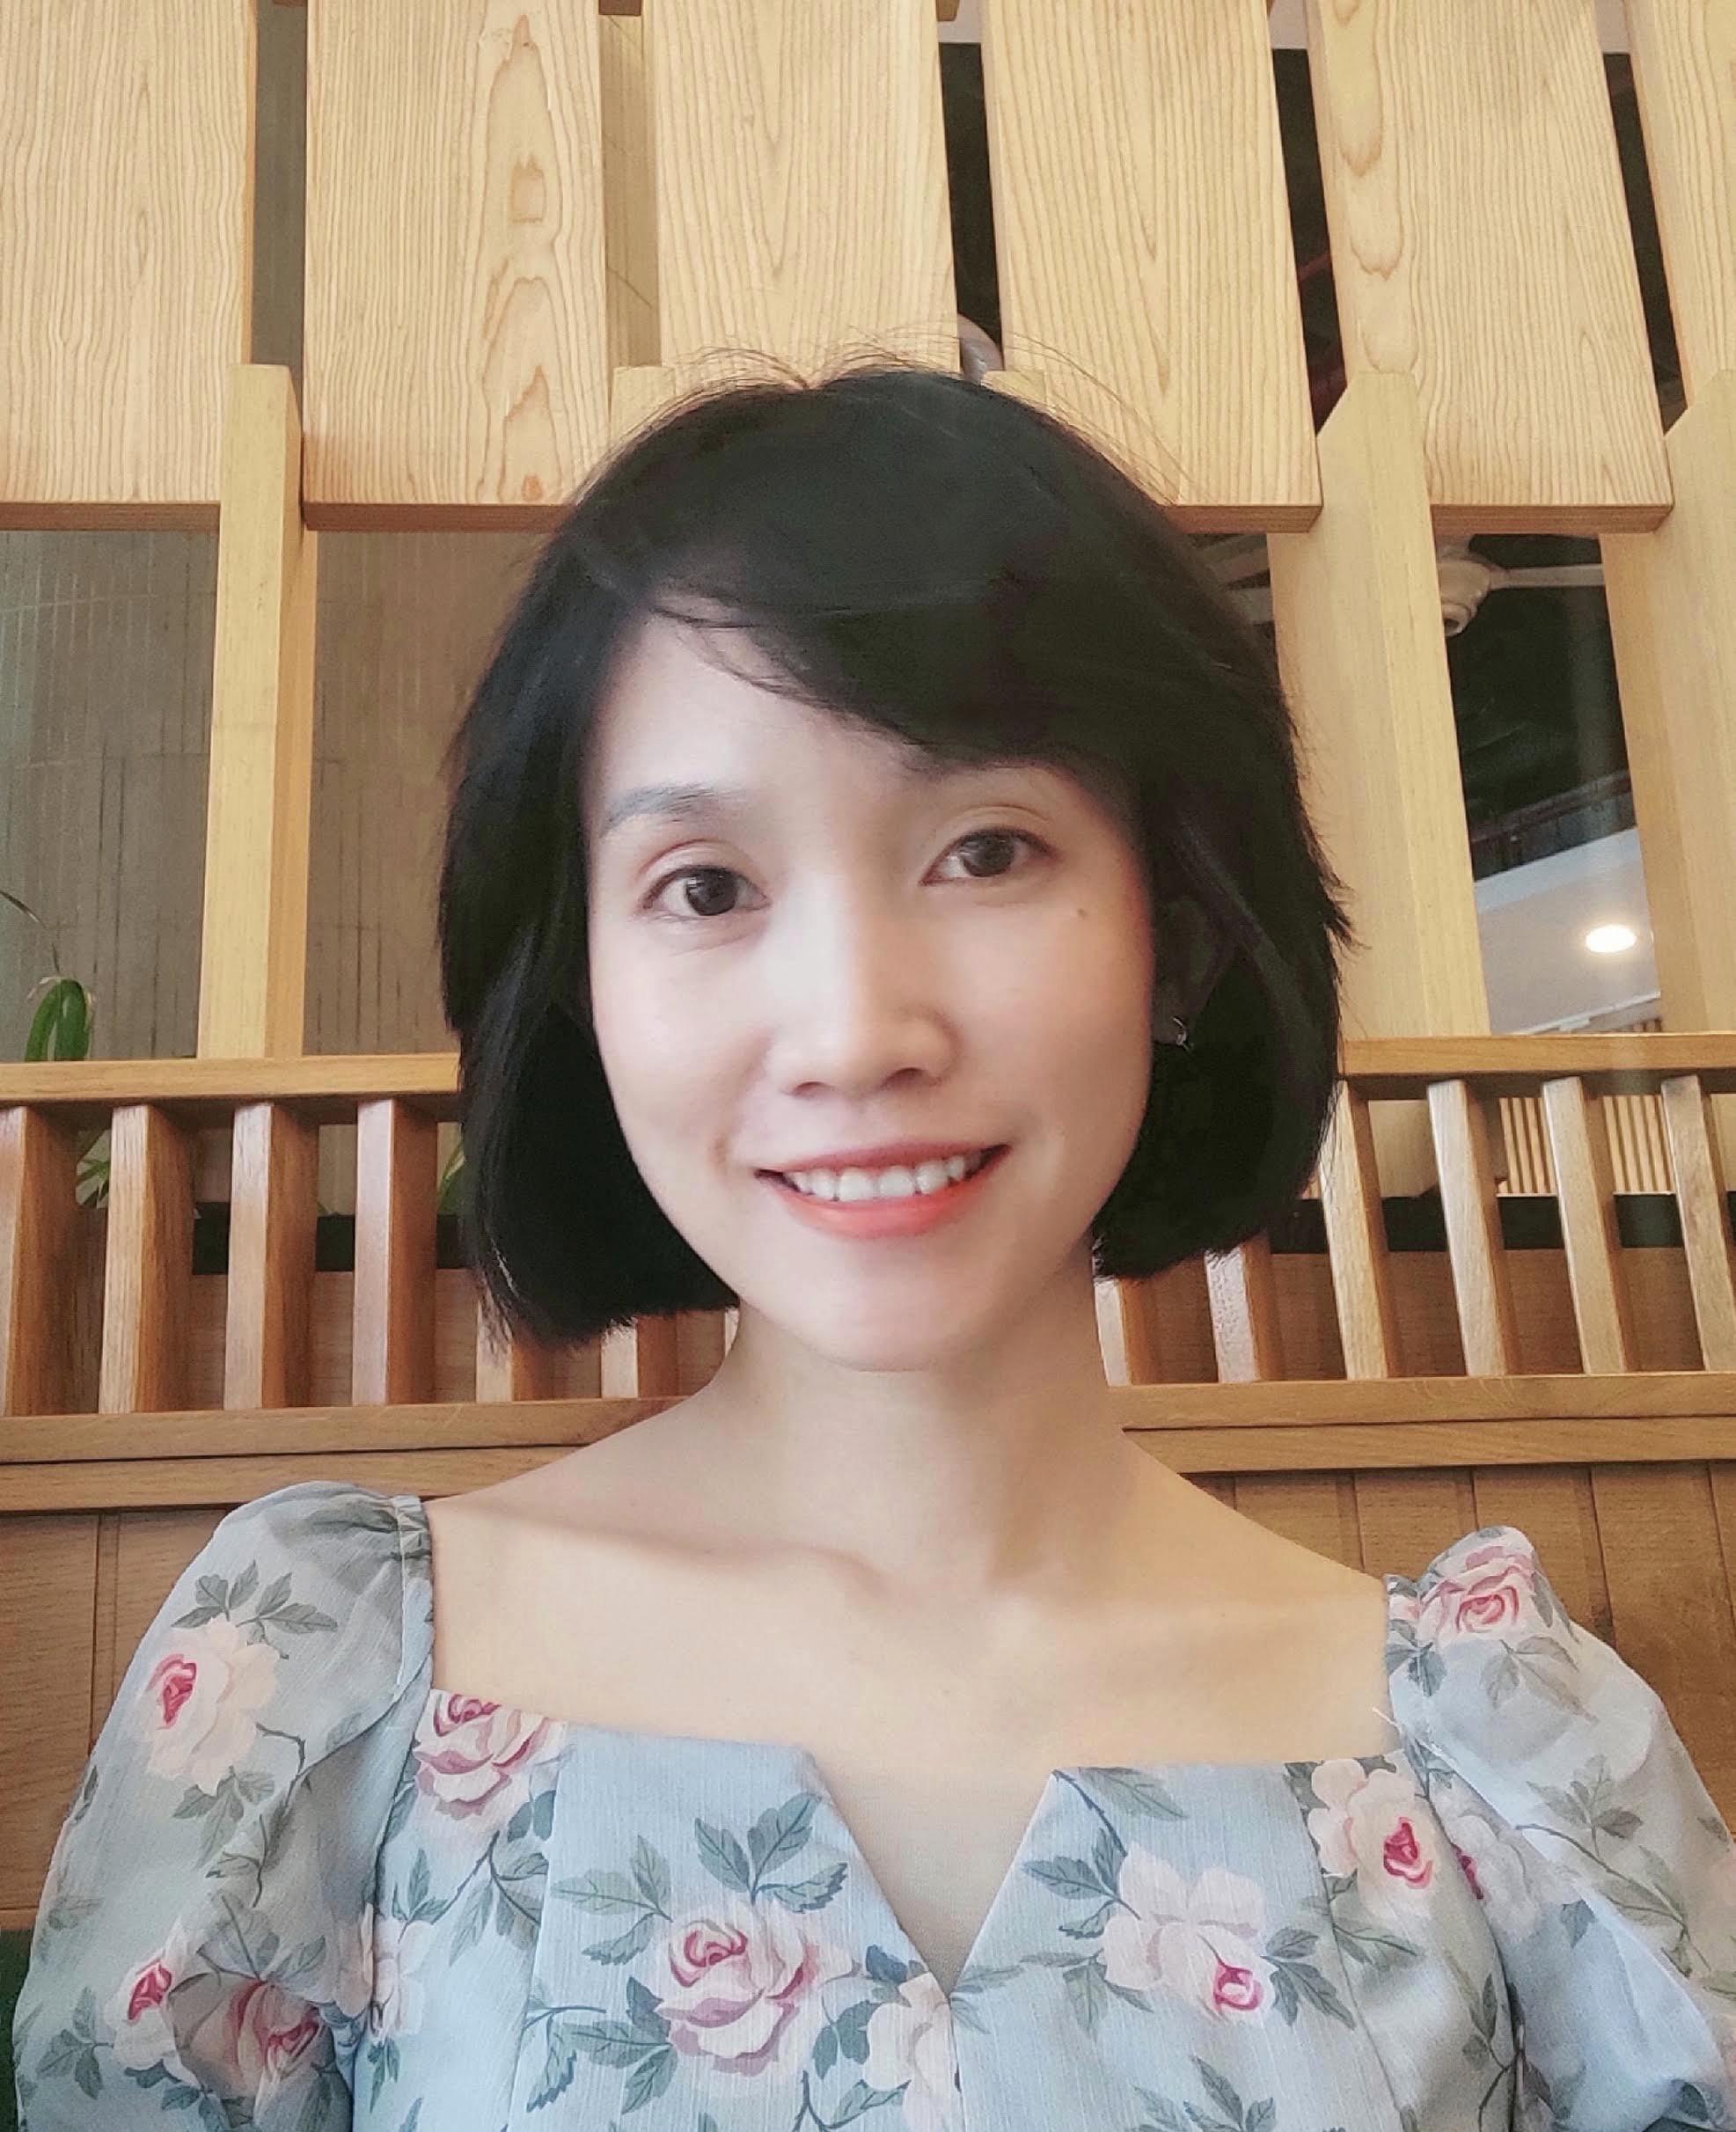 Ms. Nguyễn Thị Như Ngọc